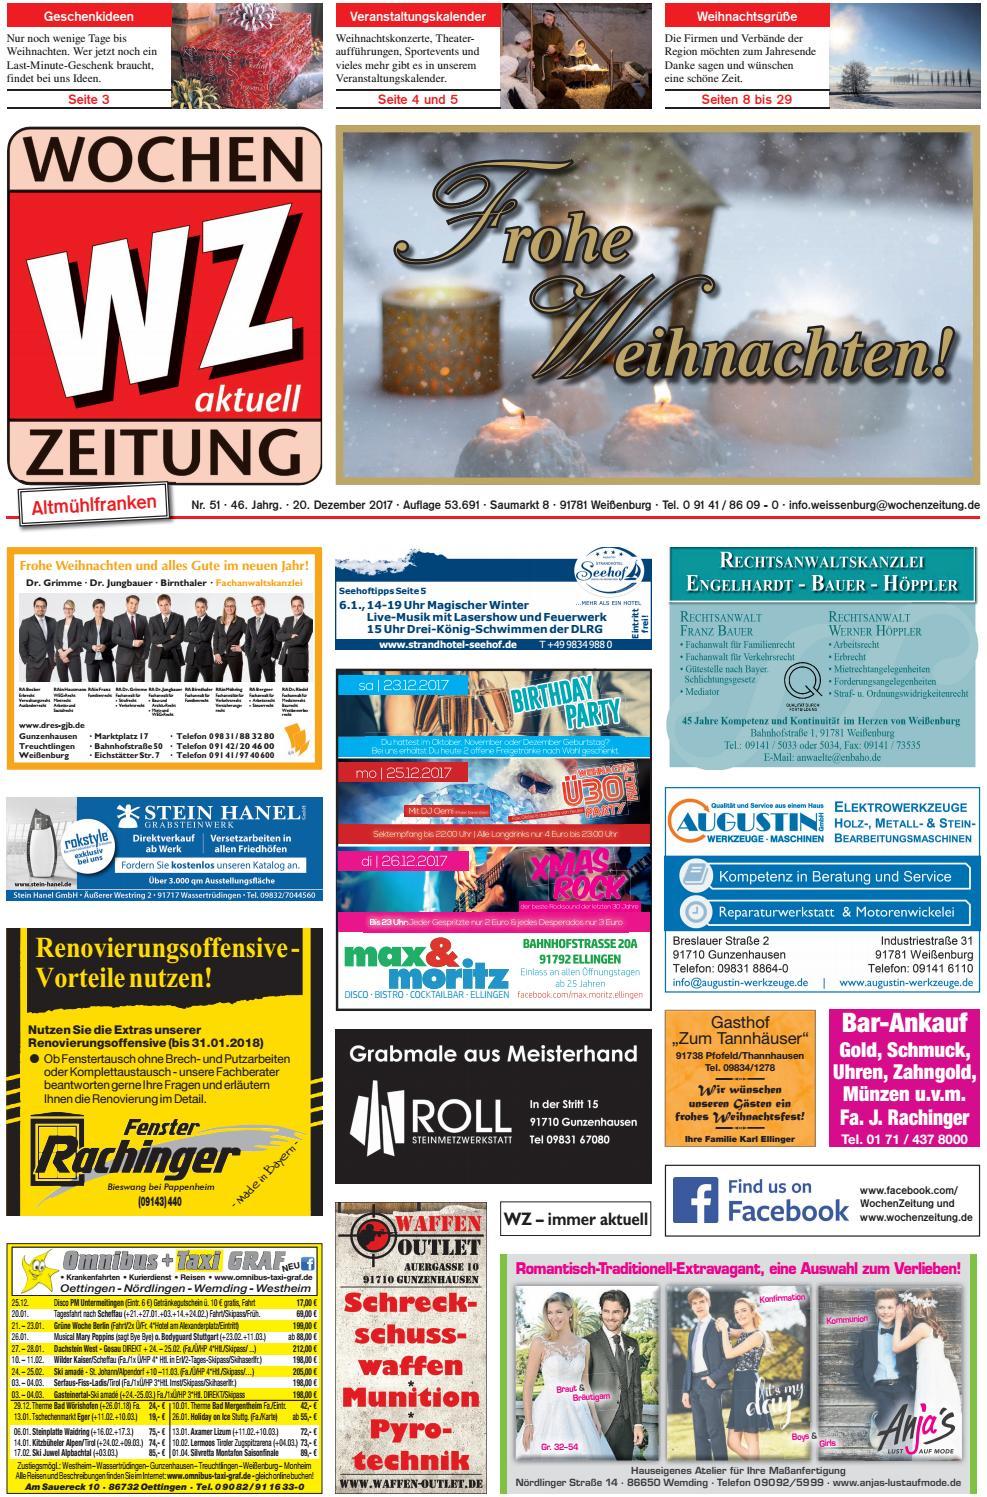 Wochenzeitung Weissenburg Kw 51 By Wochenzeitung Sonntagszeitung